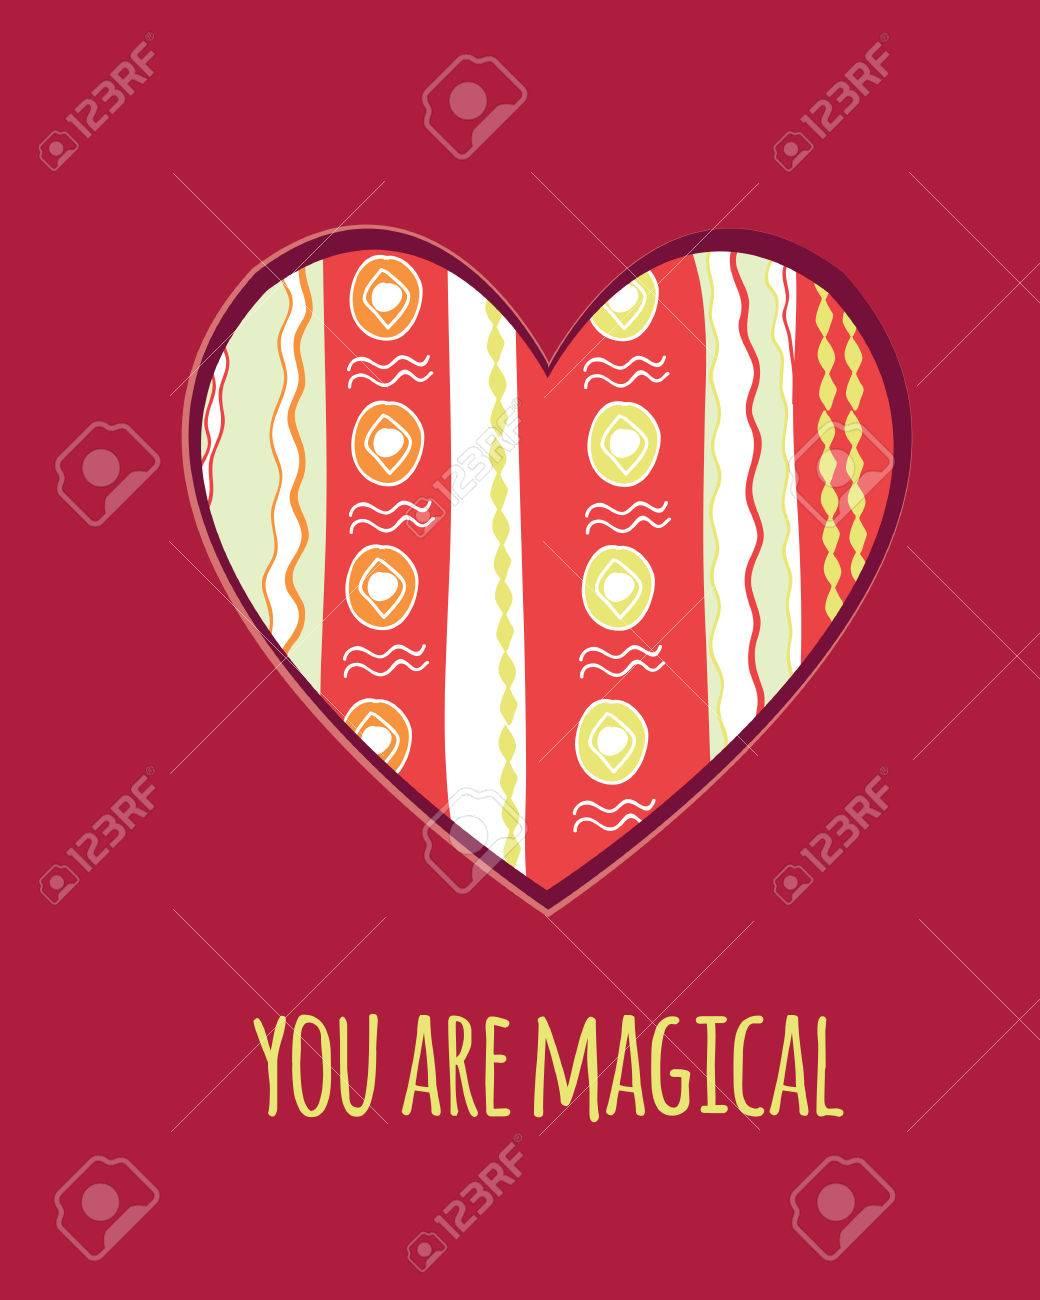 La Plantilla De Vectores De San Valentín Modelo Rojo Con Corazón Adornado De Carteles Tarjetas De Felicitación Folletos Y La Bandera Diseños Web